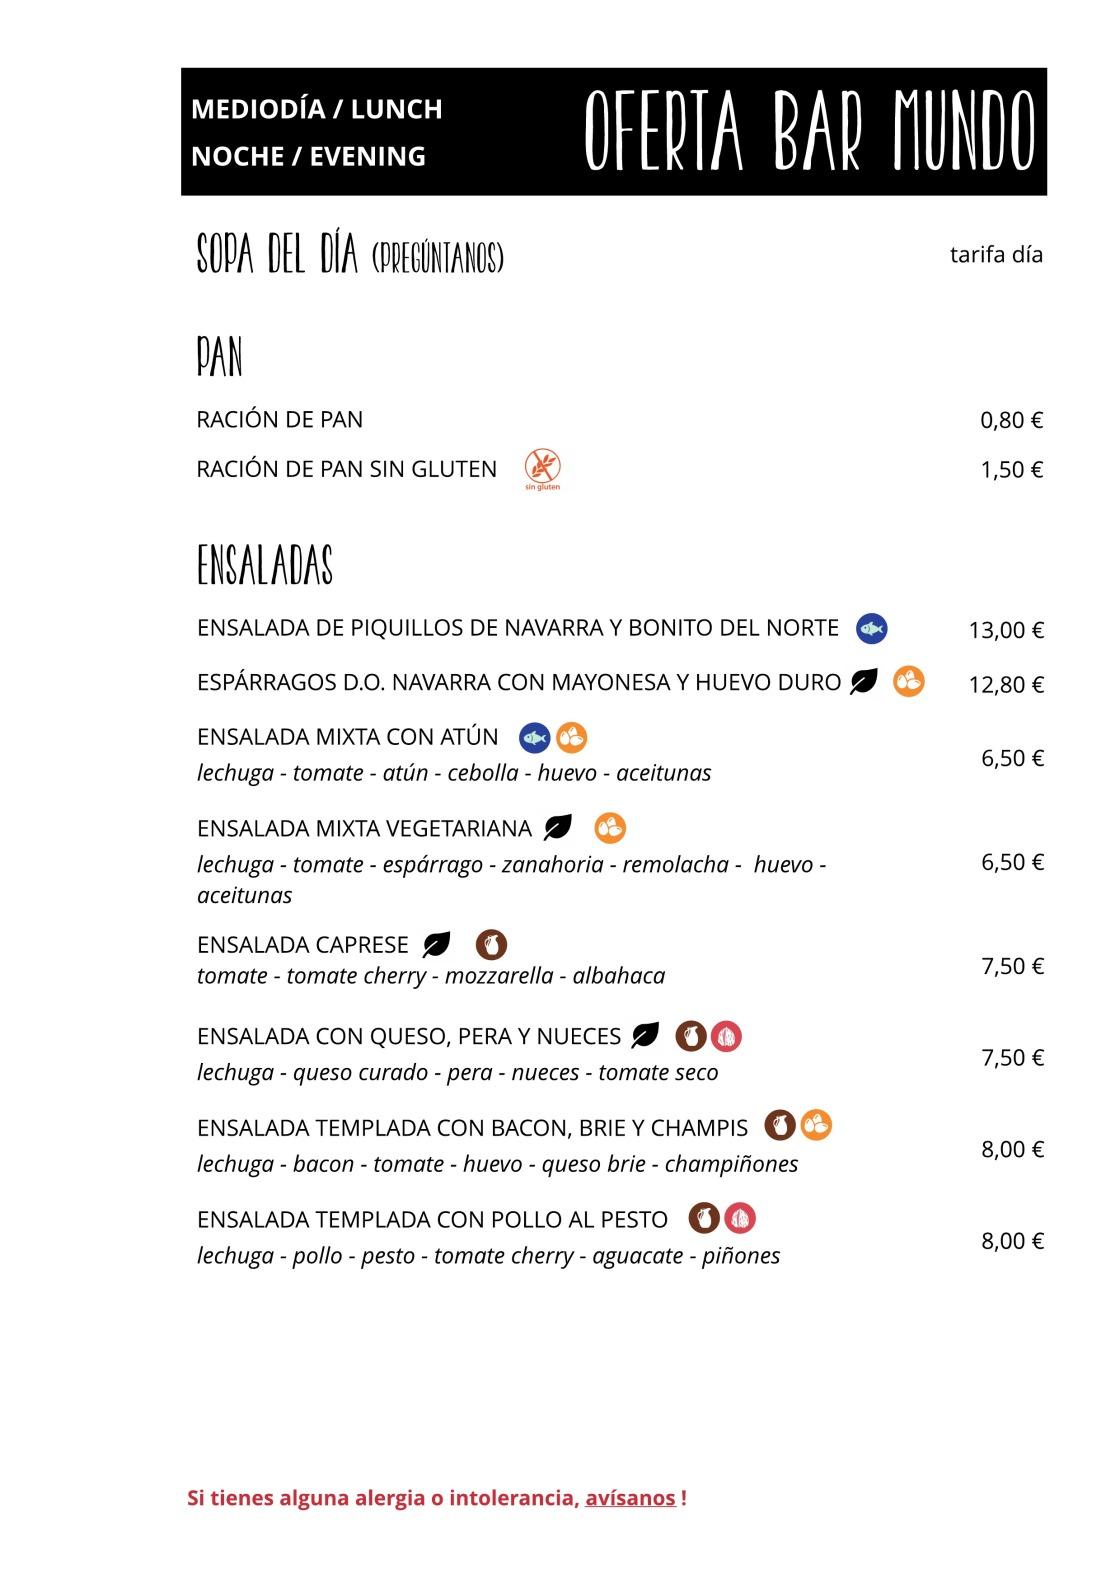 02 Sopa, Pan y Ensaladas - Untitled Page